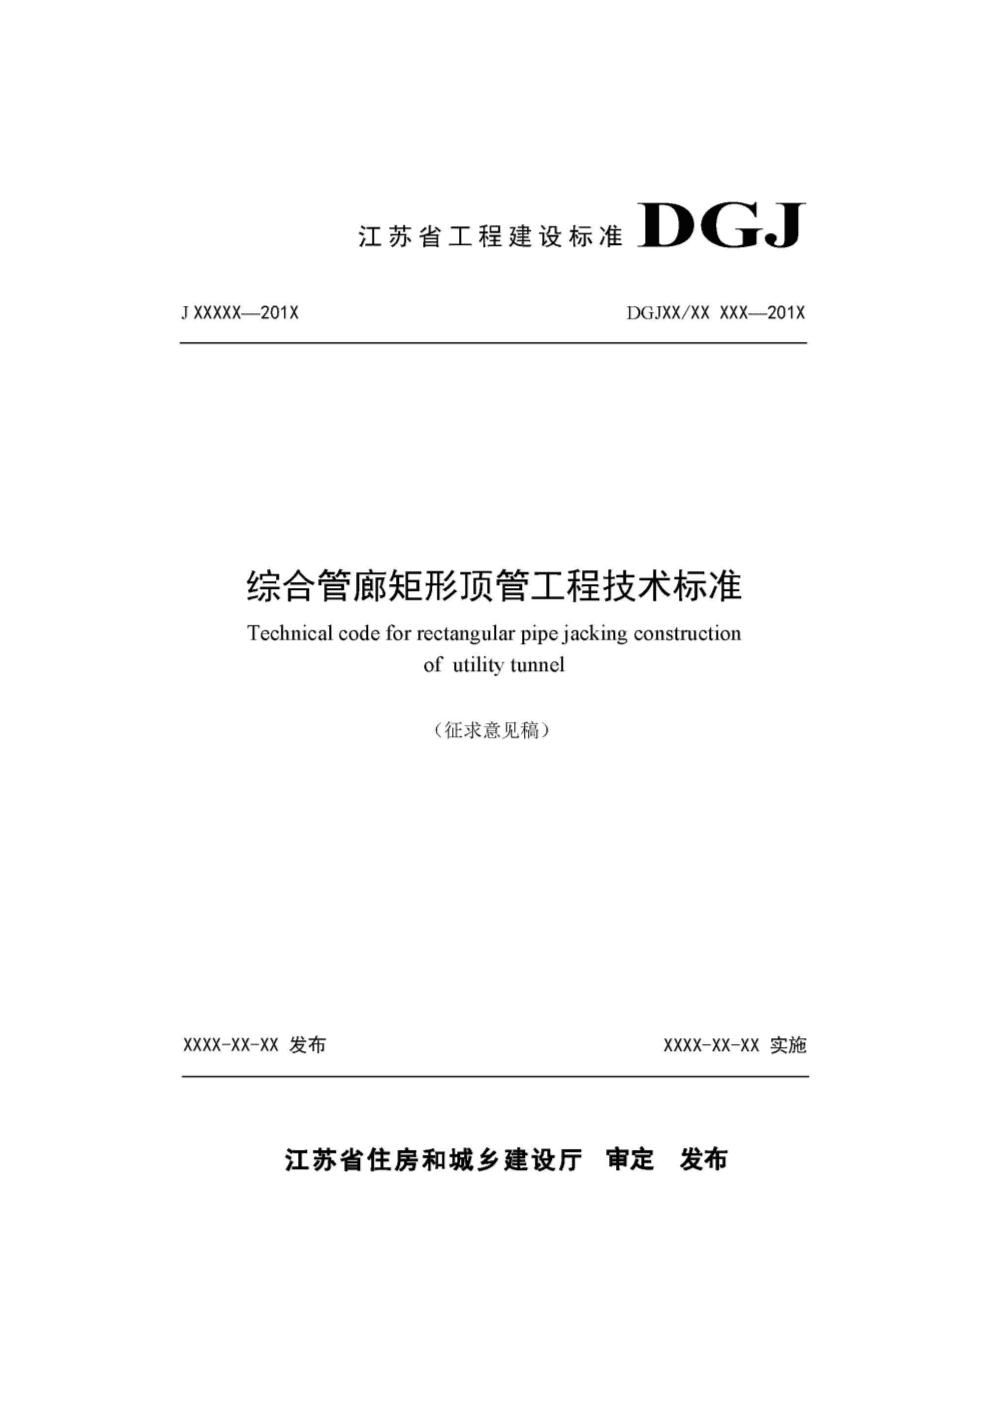 江苏《综合管廊矩形顶管工程技术标准》(征求意见稿).docx